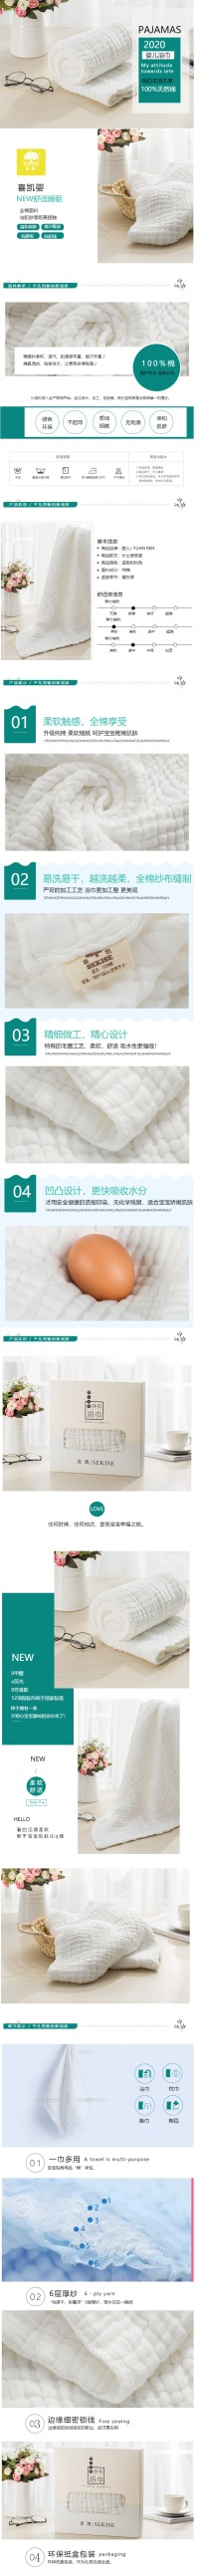 时尚清新婴儿浴巾电商详情页